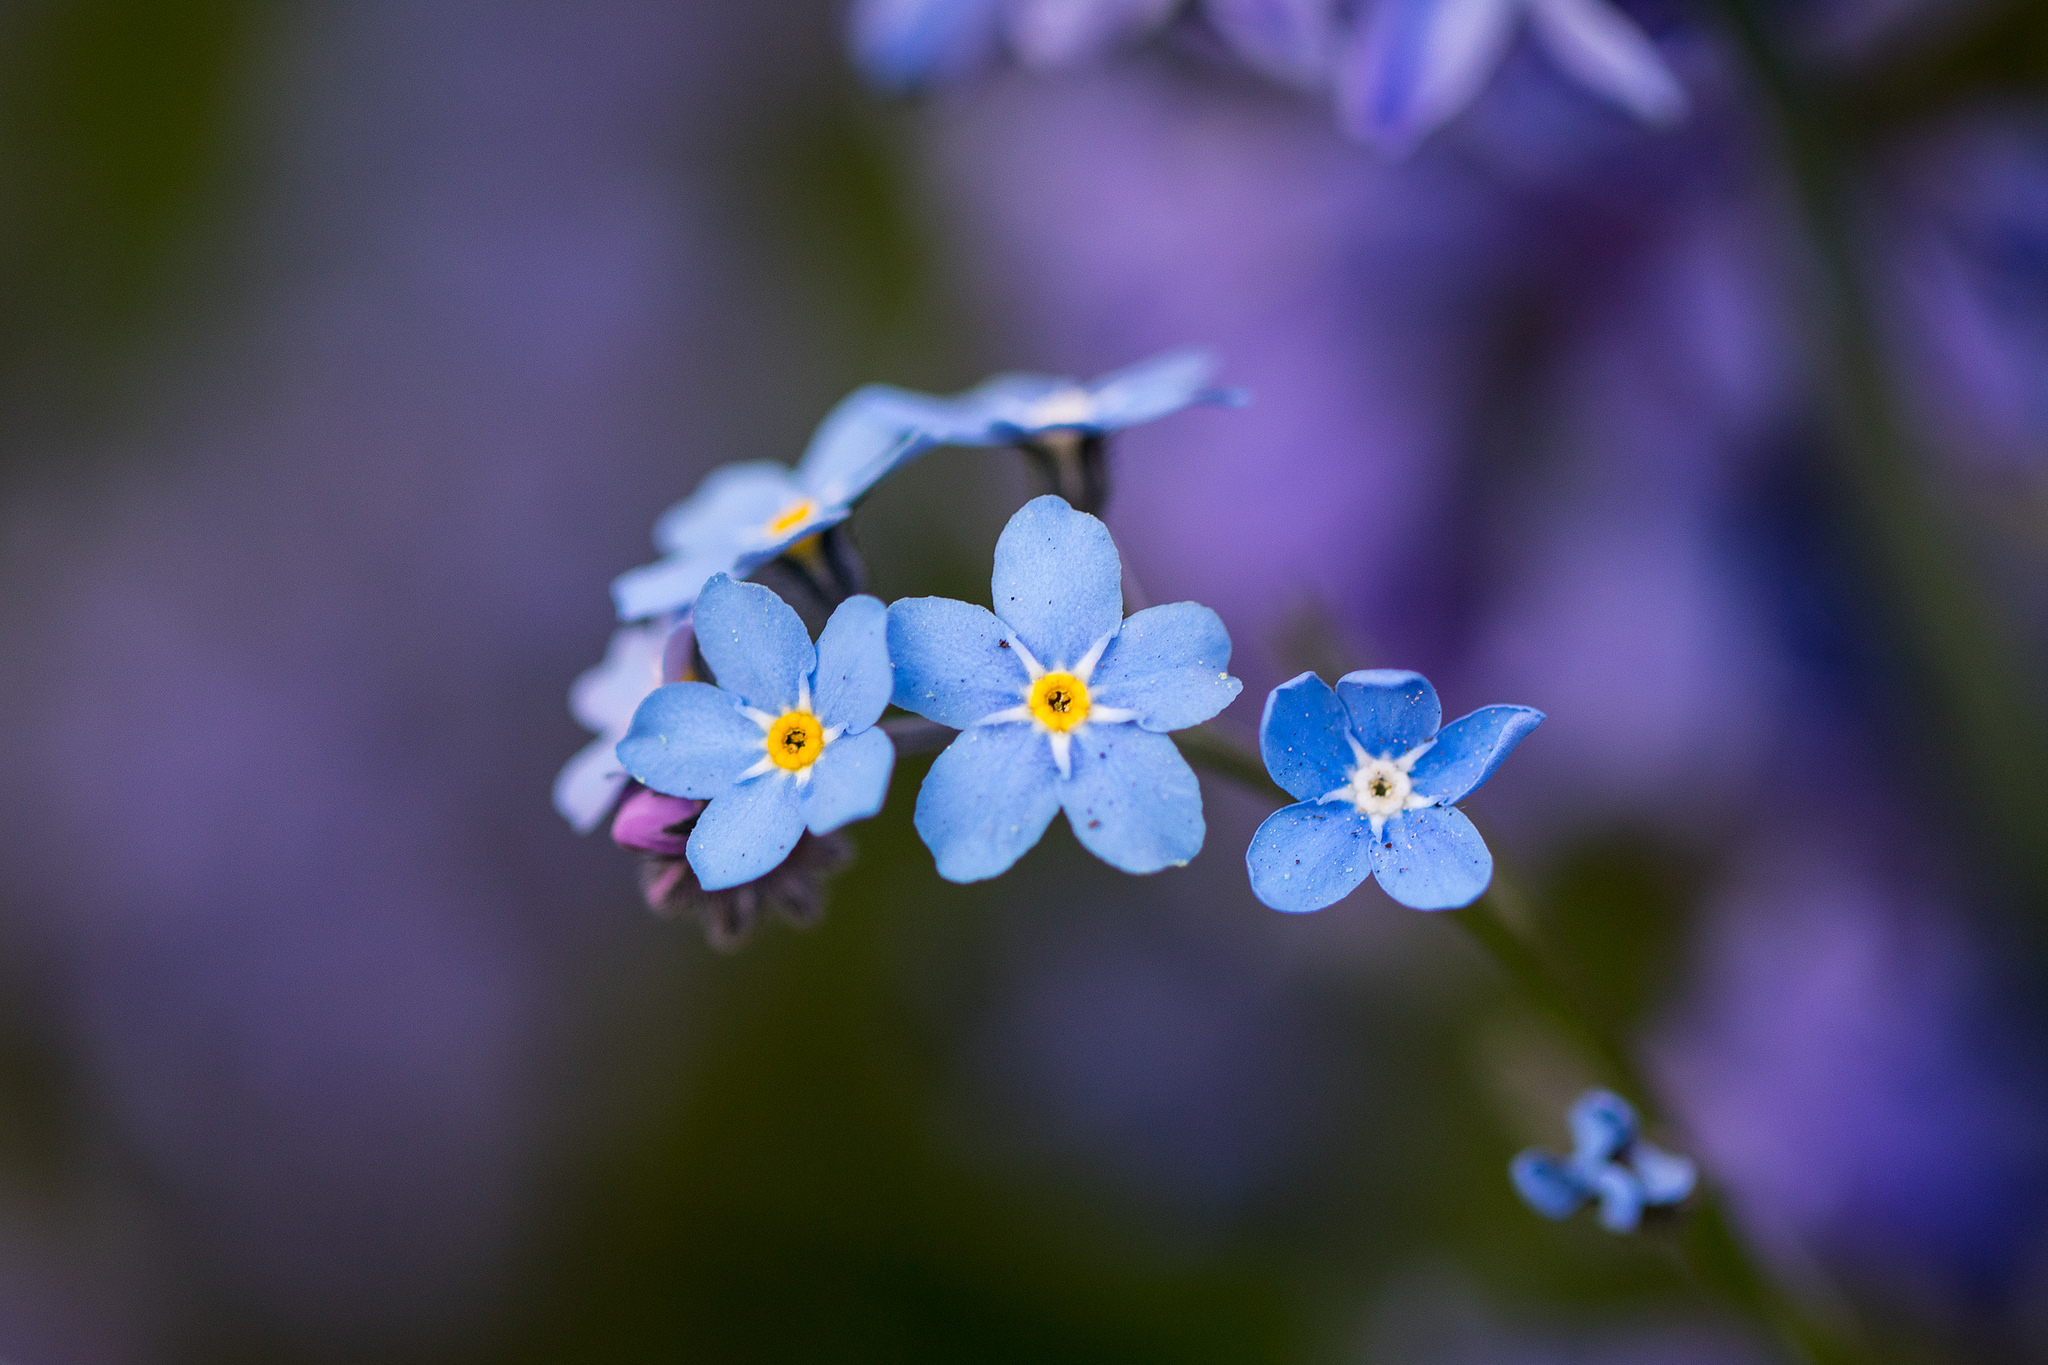 Flores celestes pequeñas - 2048x1365